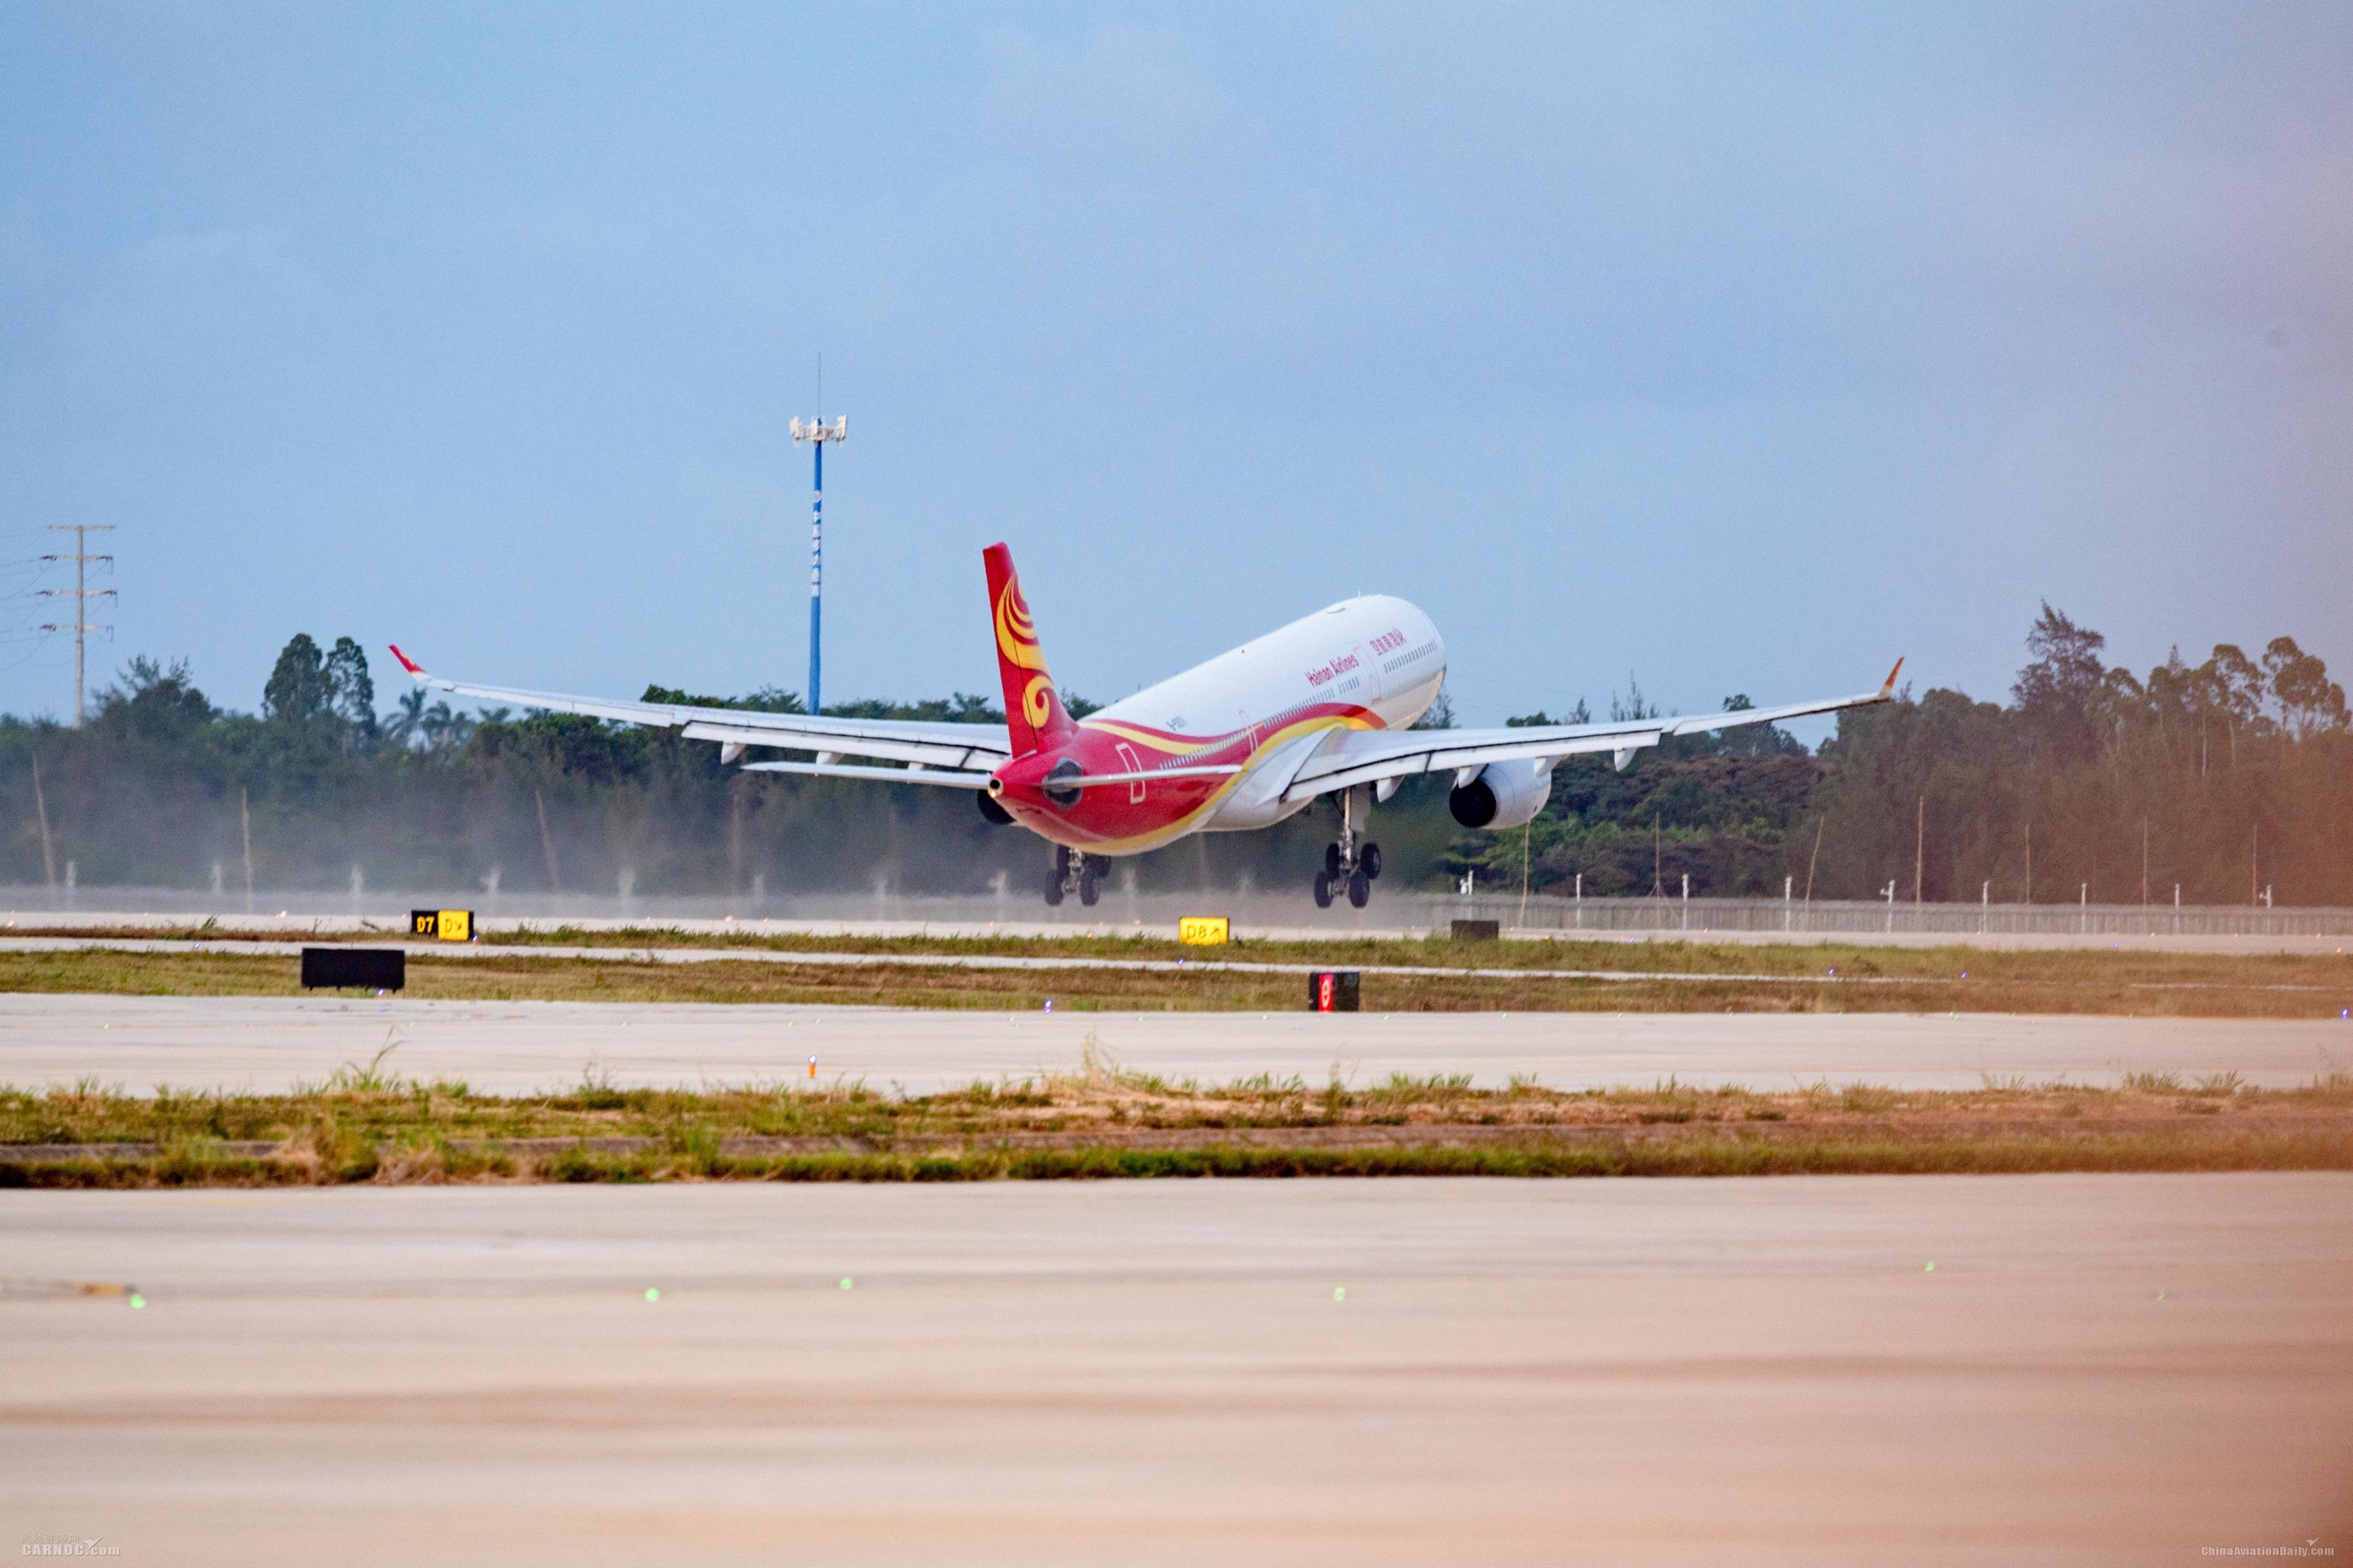 海口美兰机场年旅客吞吐量连续十年超过1000万人次